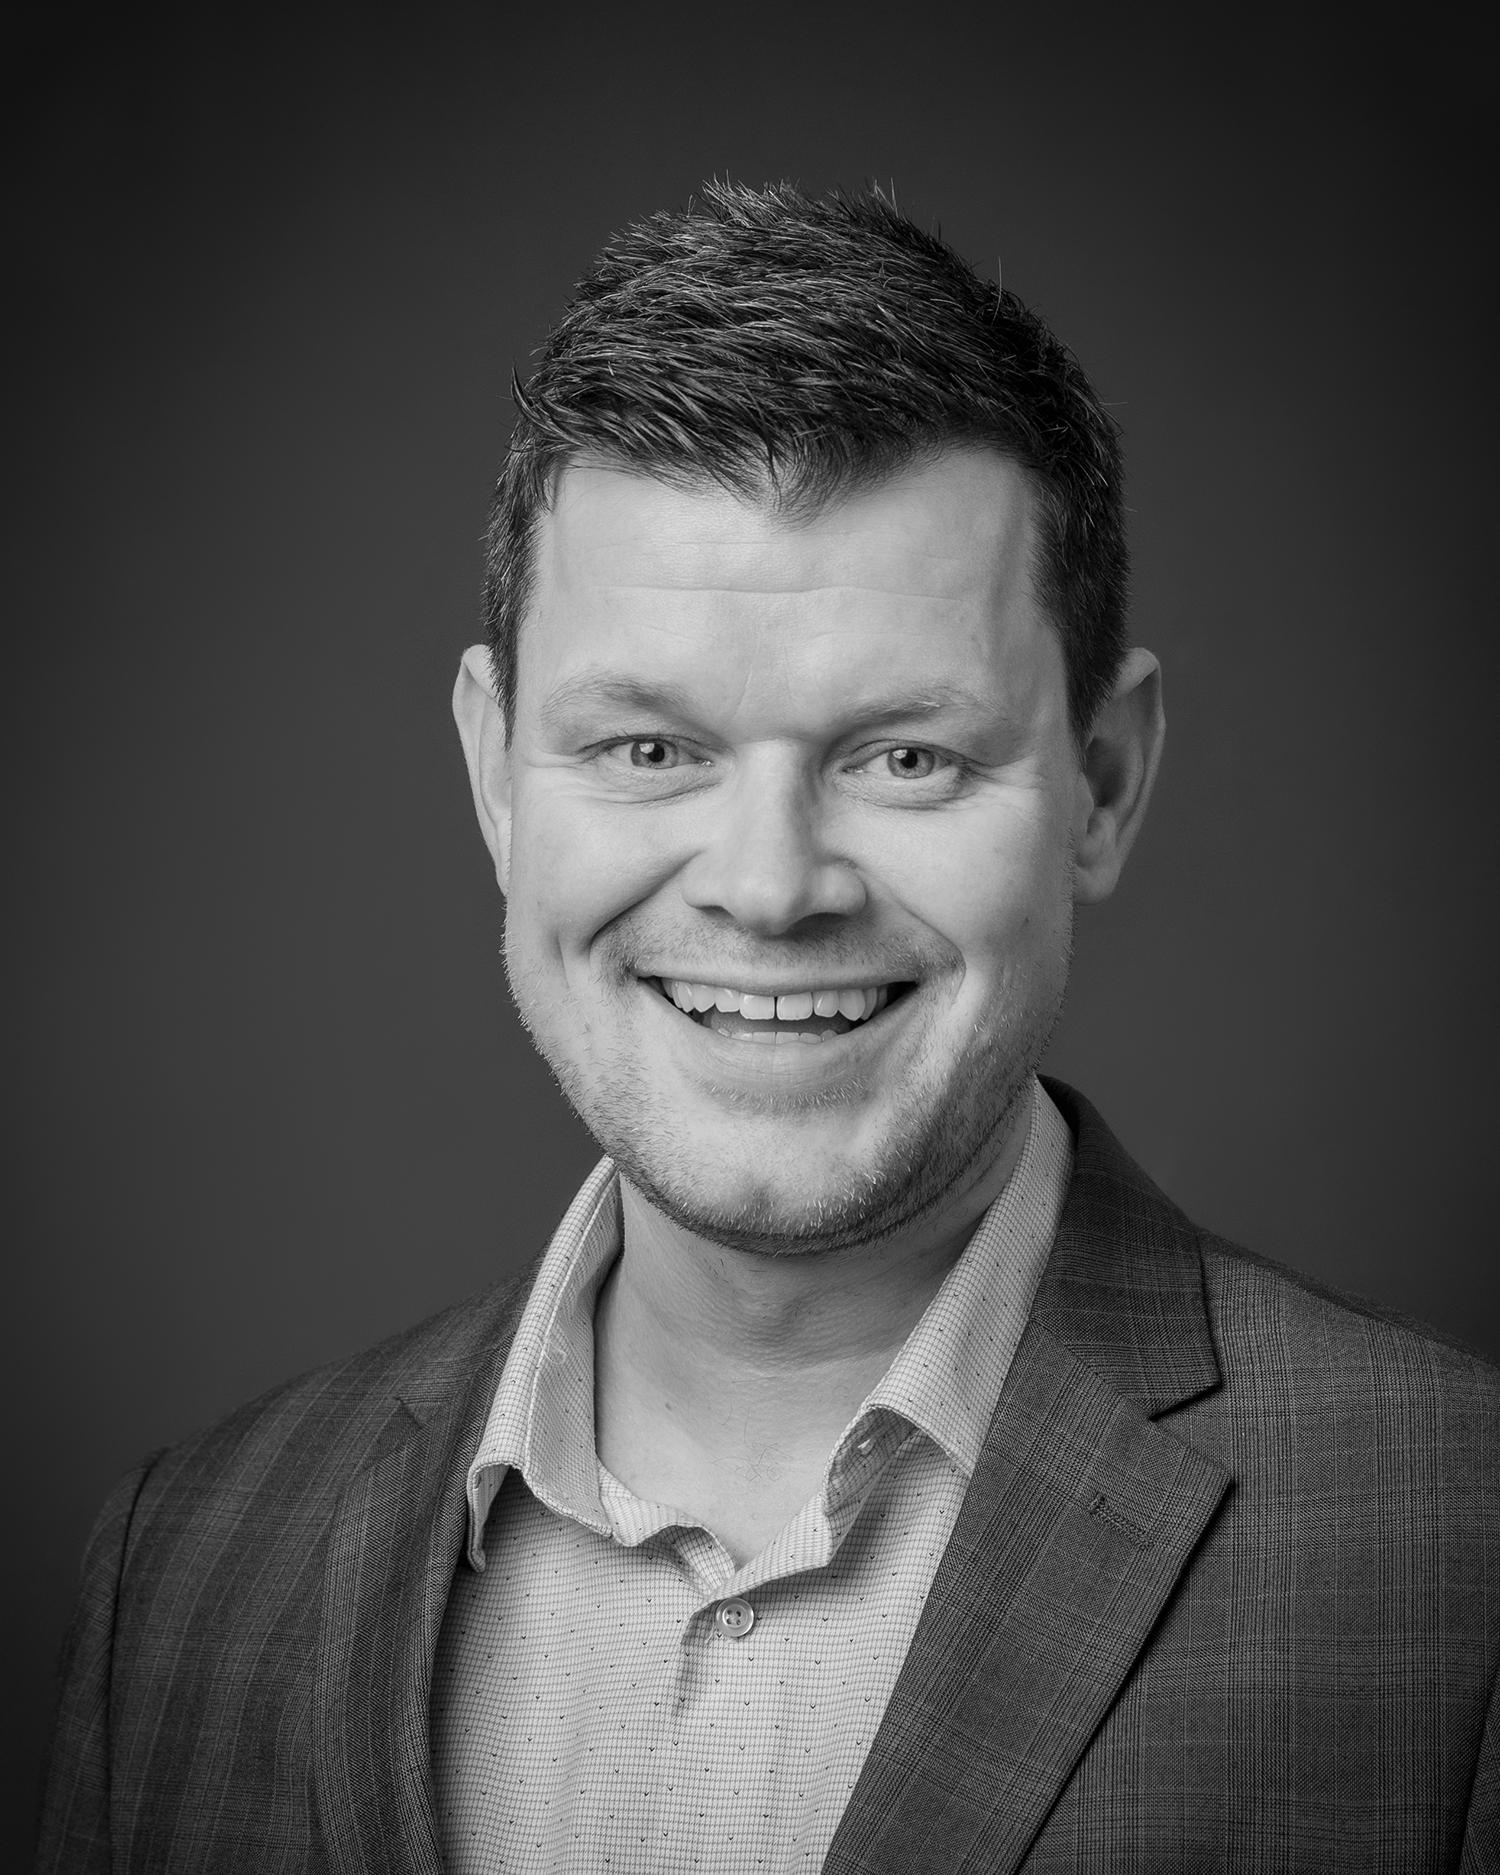 Lars Petter Mæland